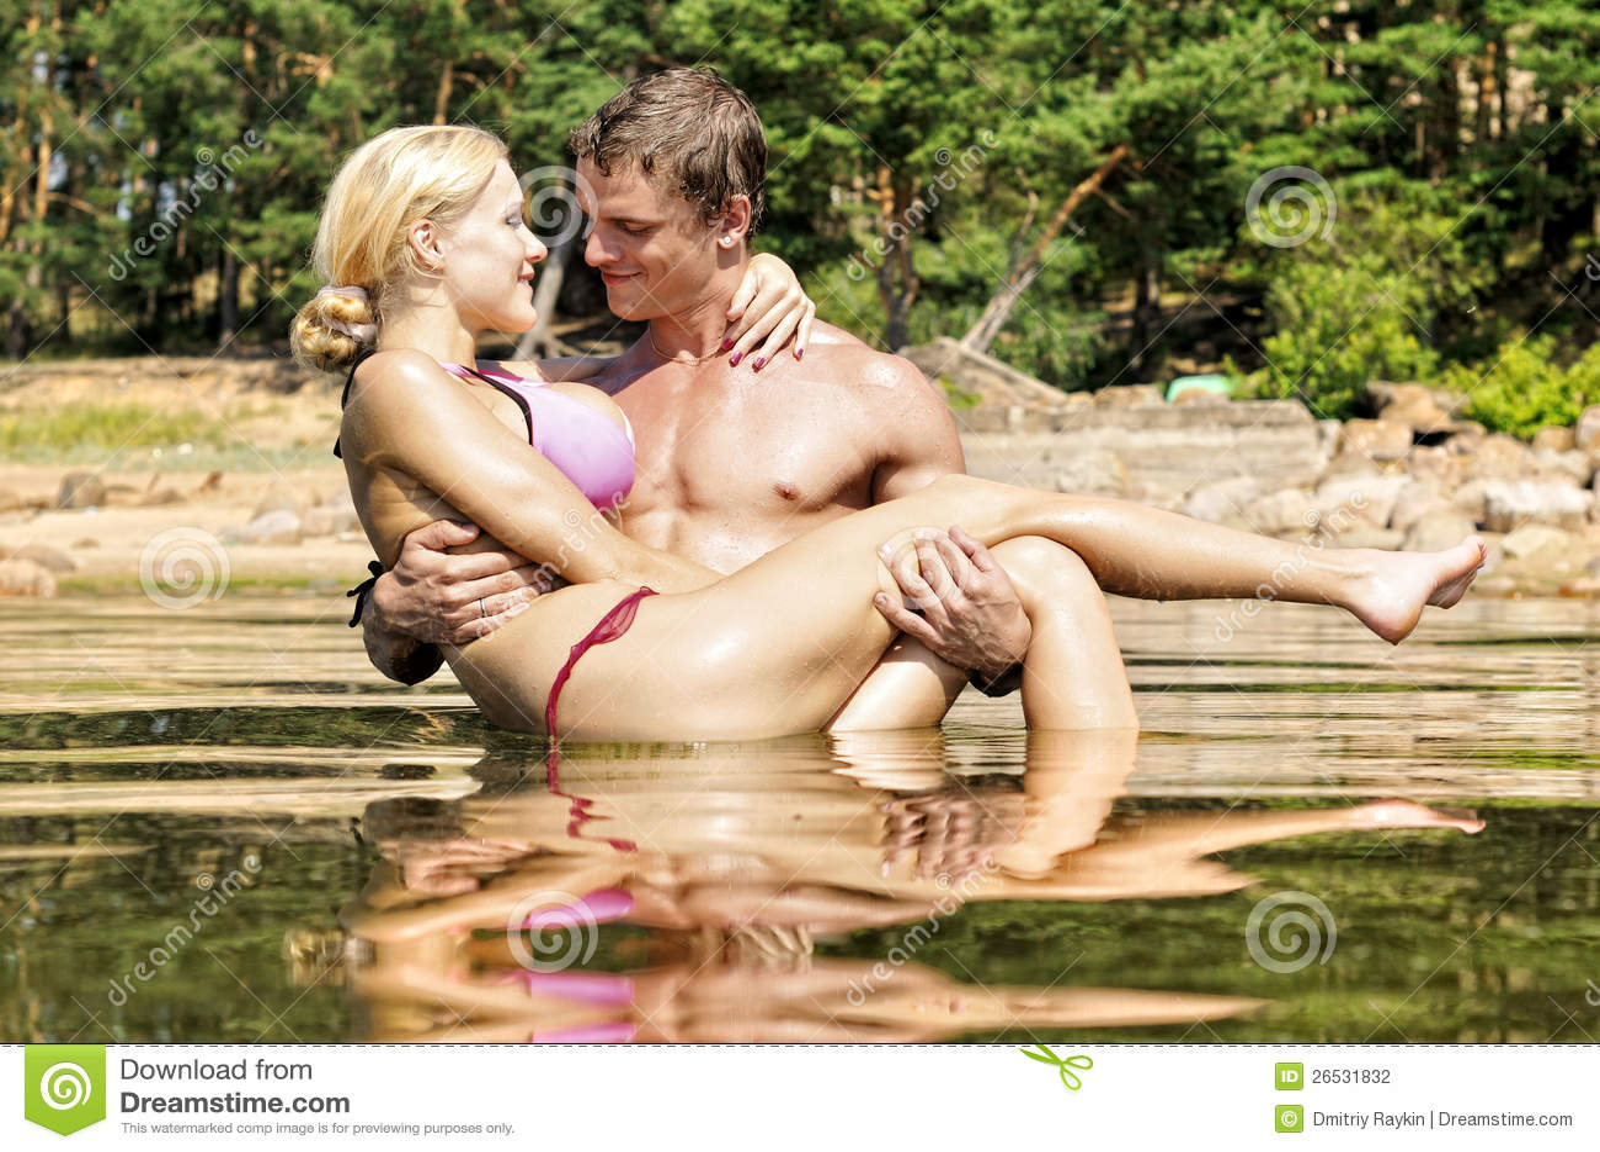 Amateur Bbw Ex Girlfriend Nude